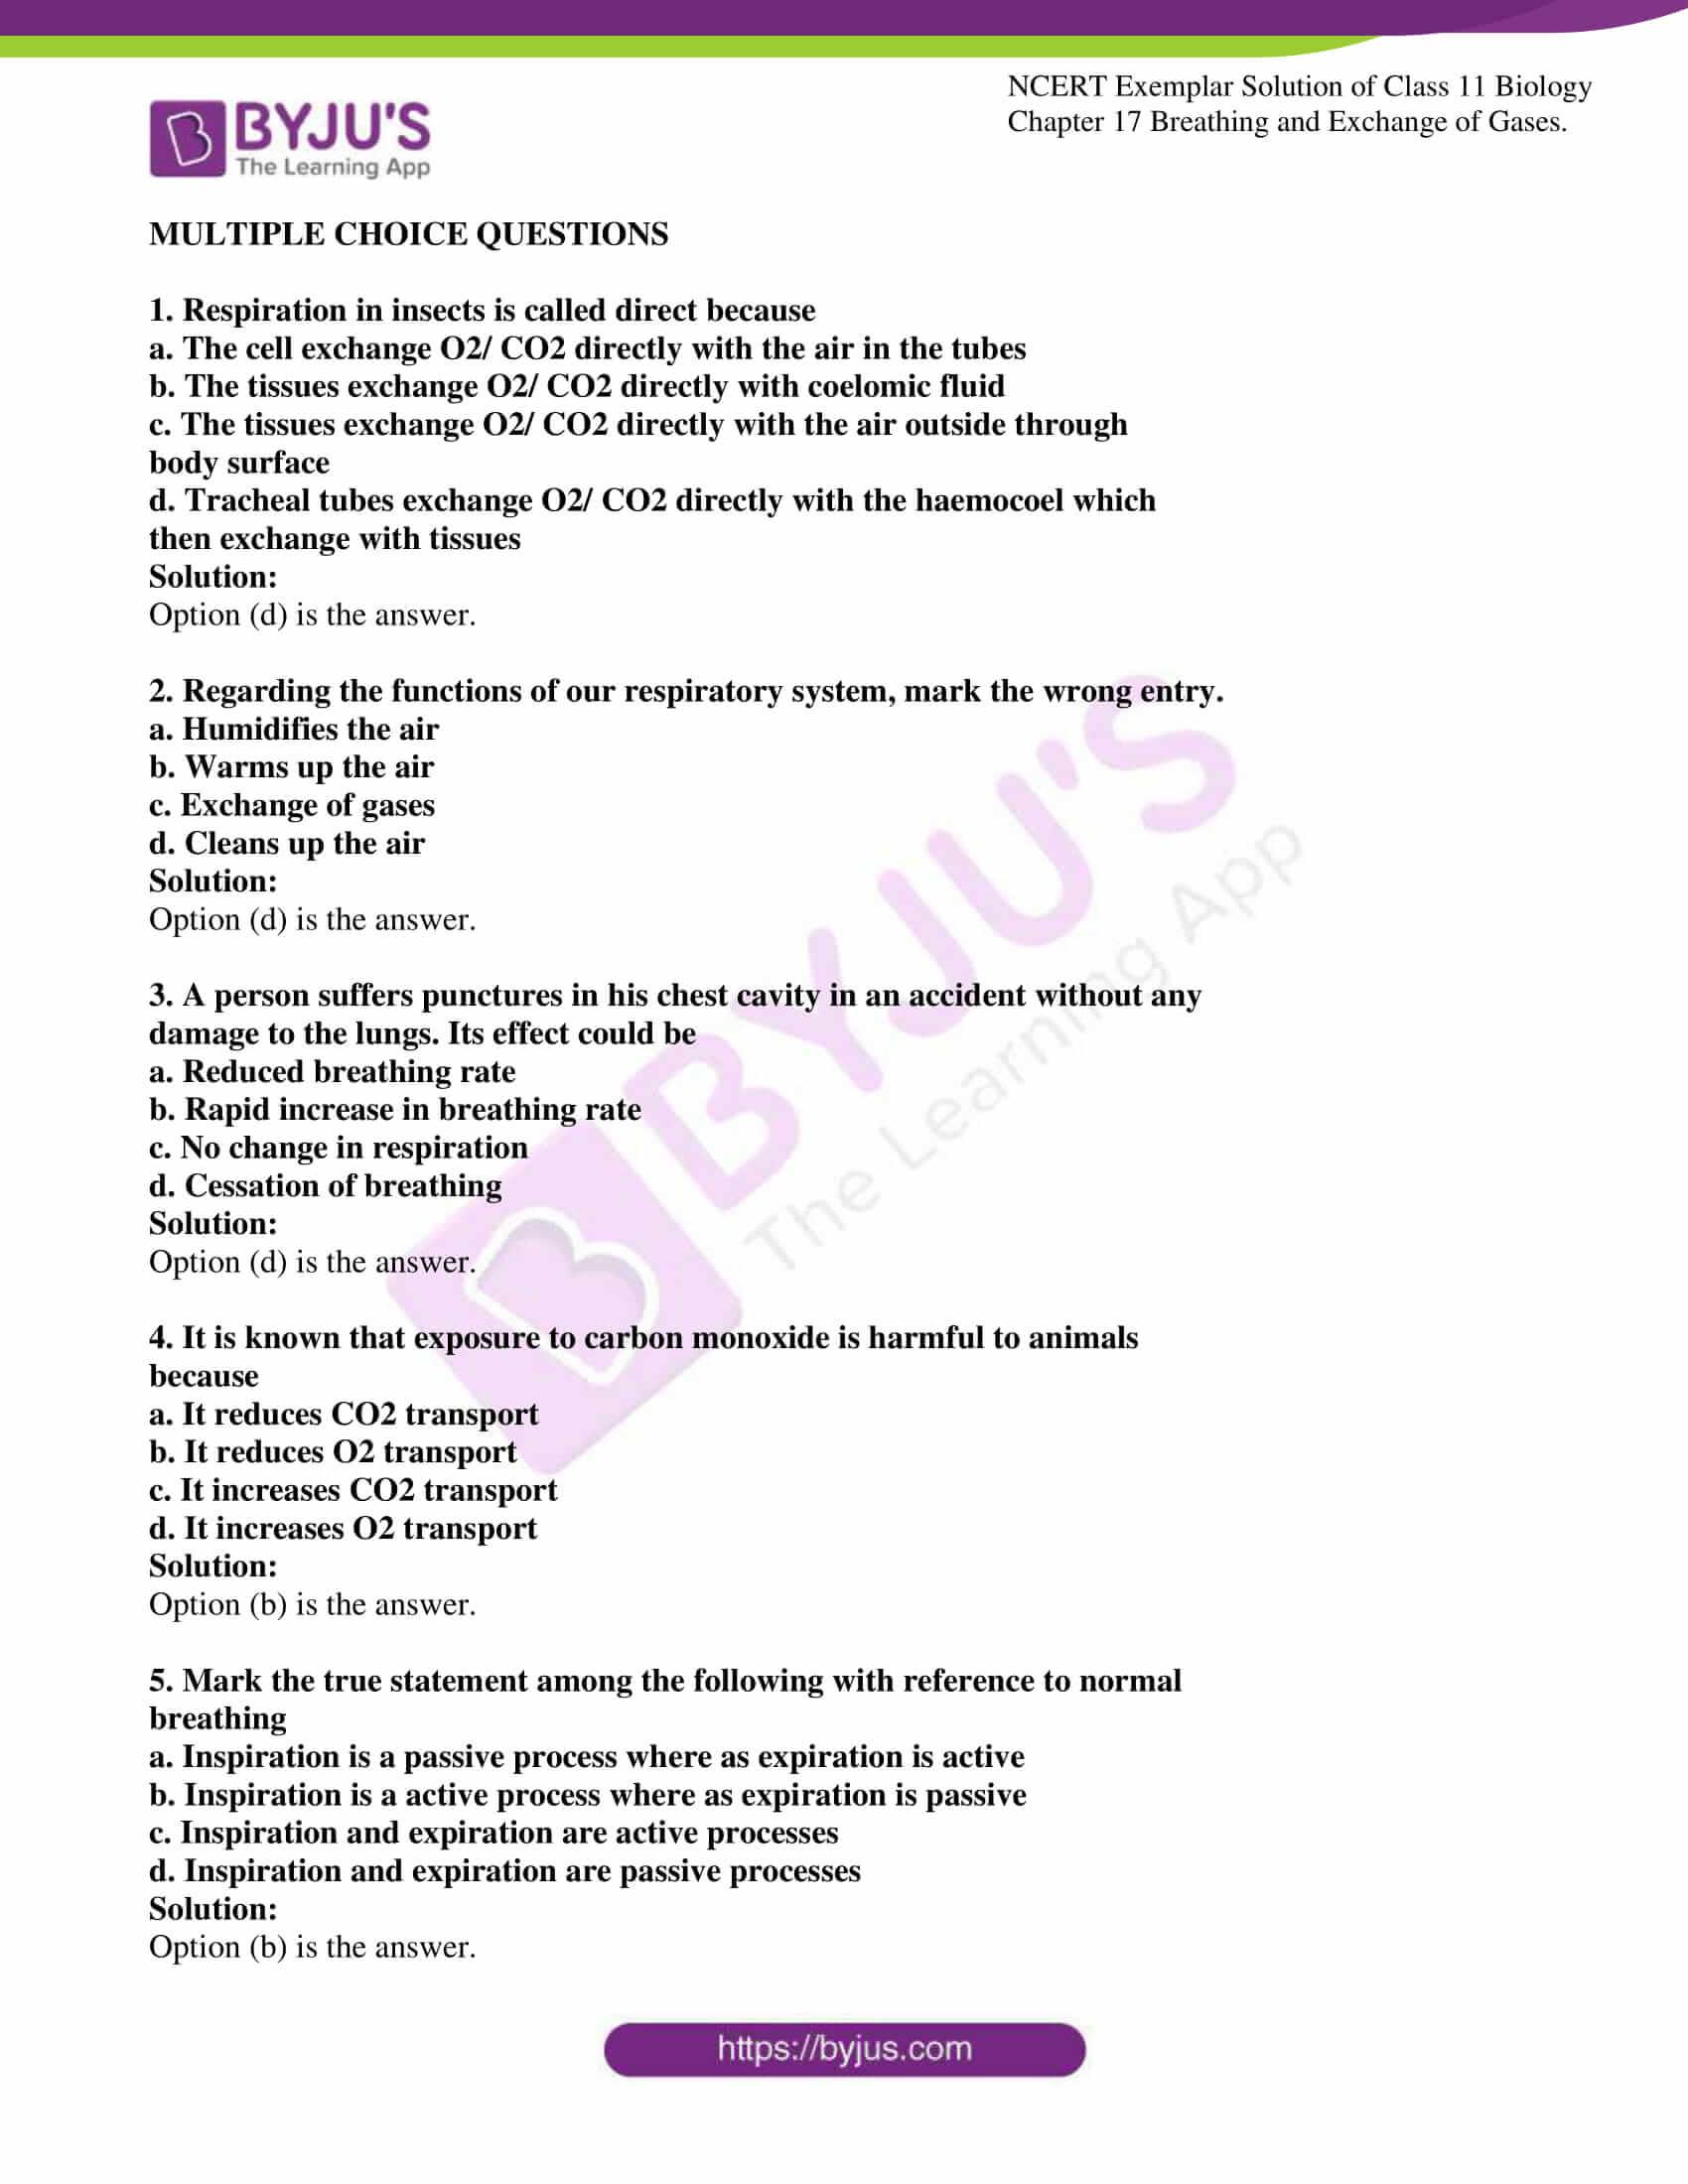 ncert exemplar solutions class 11 biology chapter 17 1